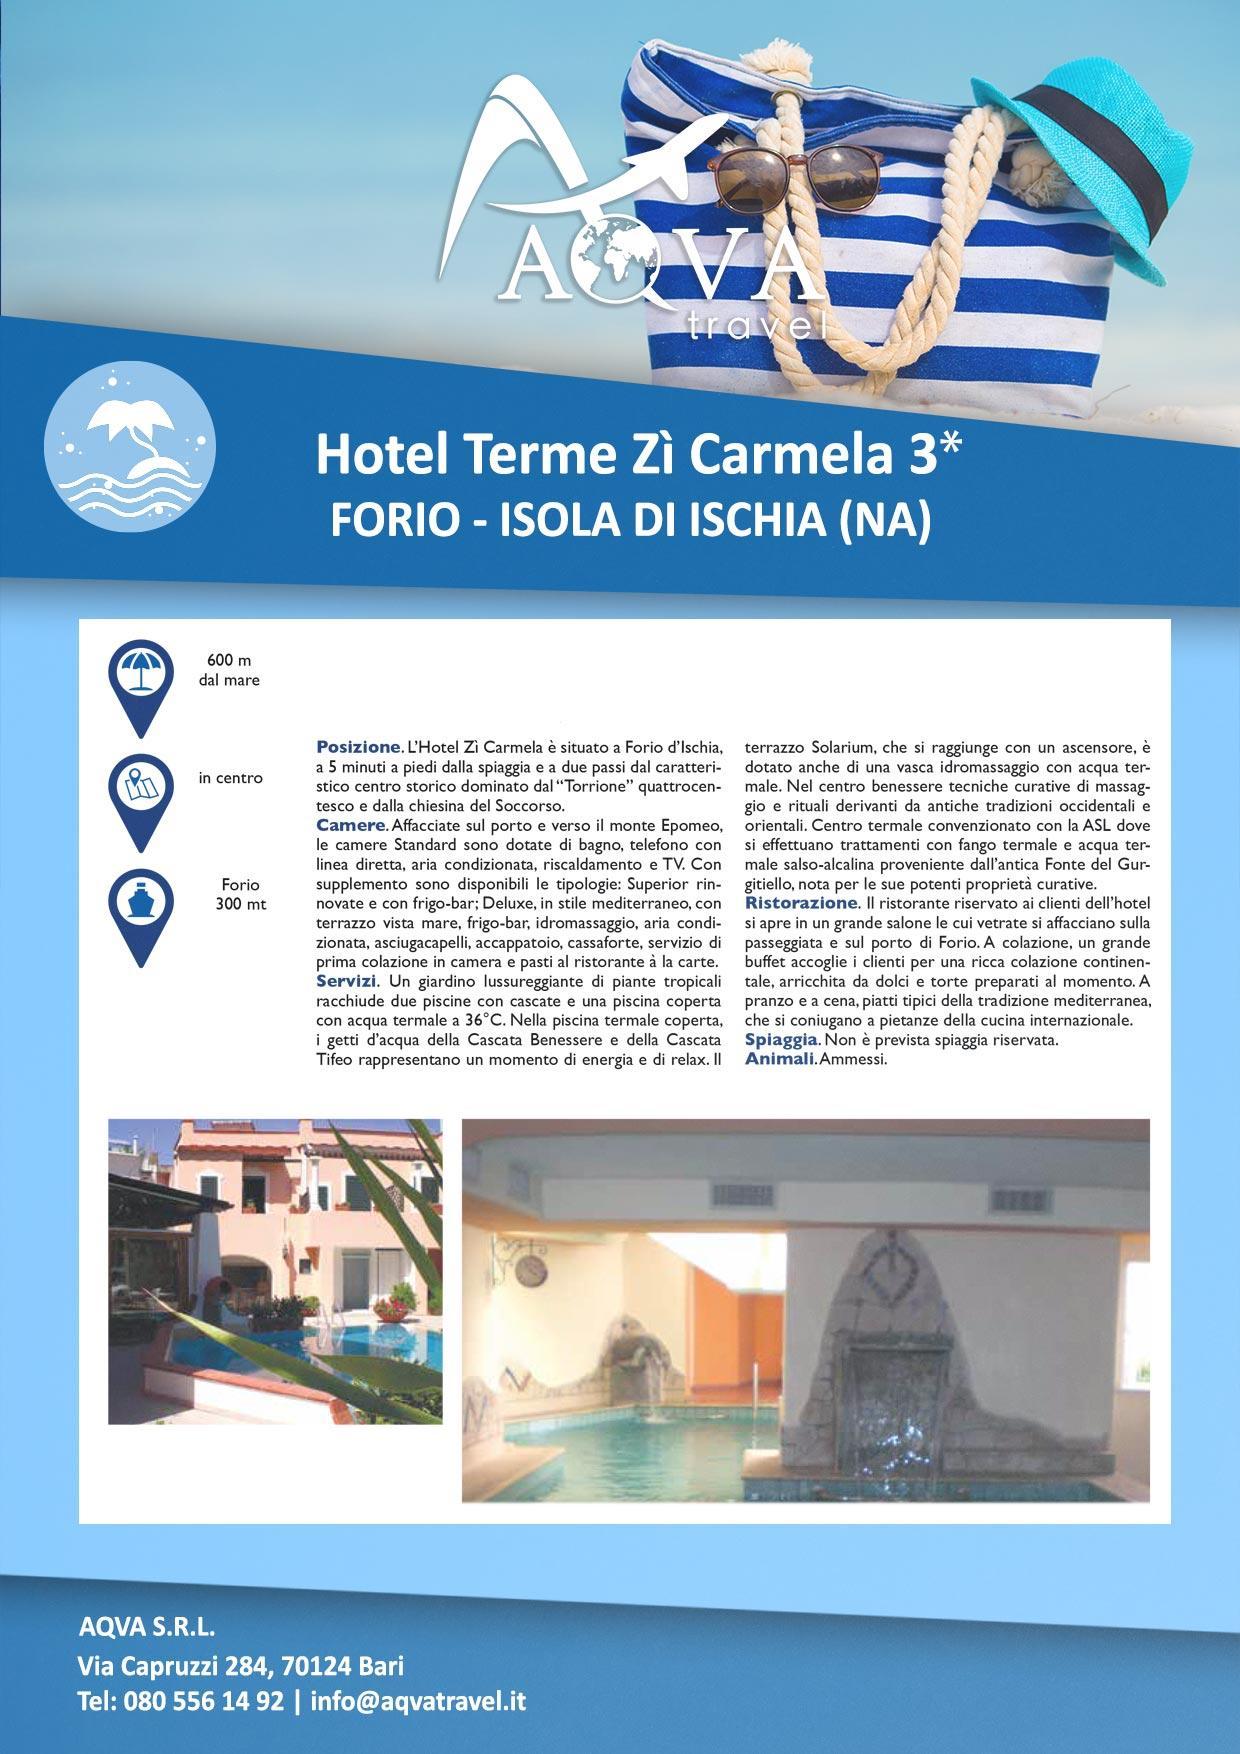 Hotel-Terme-Zì-Carmela-3-FORIO-Mare-offerte-agenzia-di-viaggi-Bari-AQVATRAVEL-it